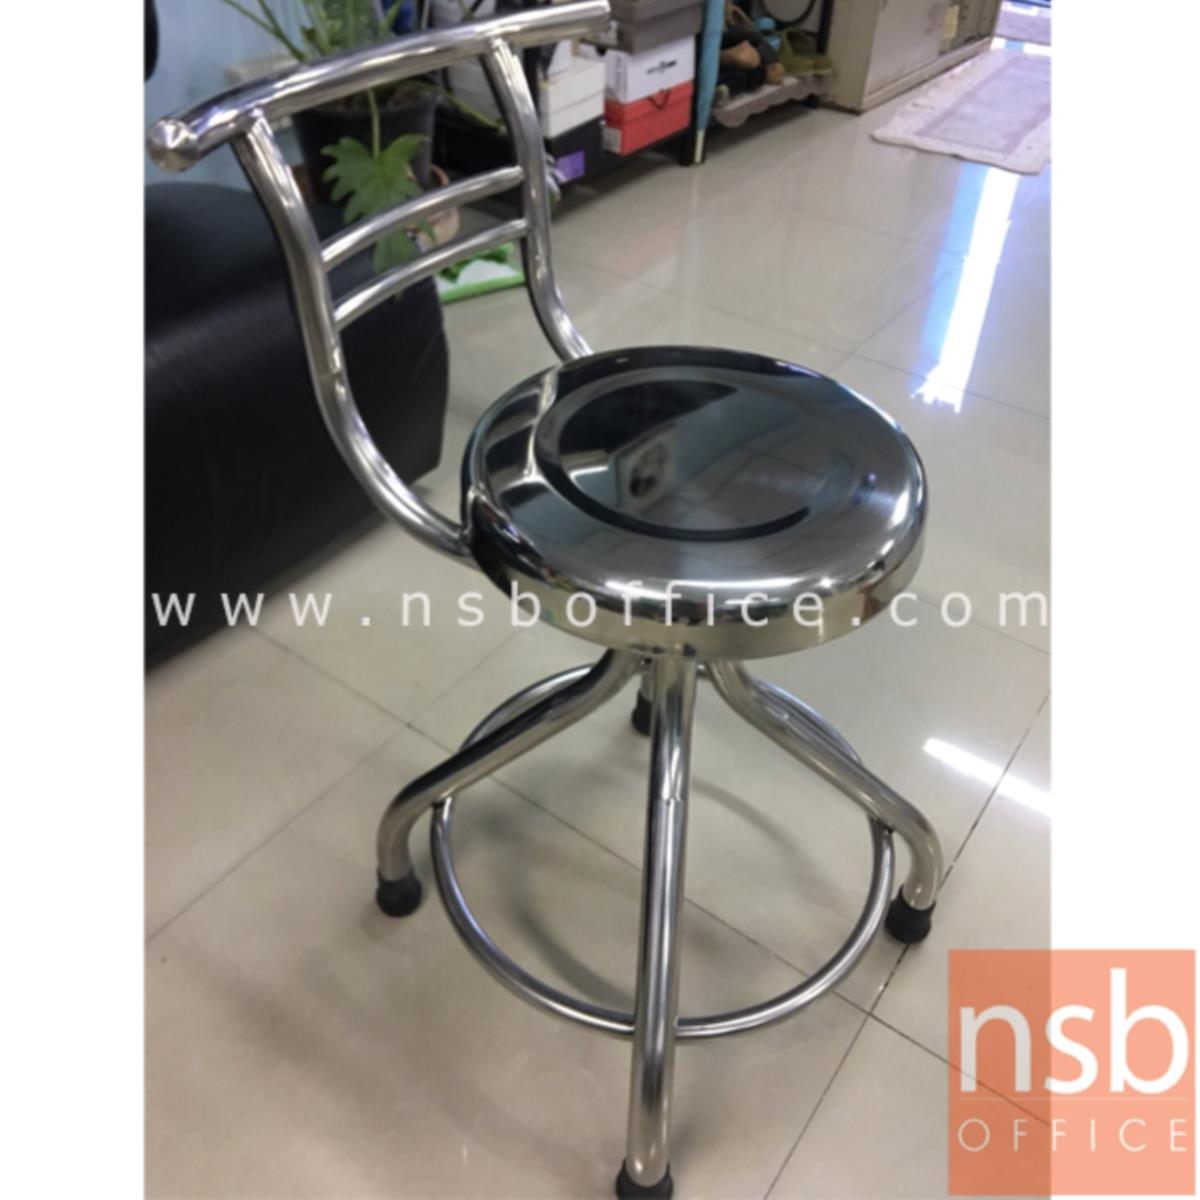 B09A183:เก้าอี้บาร์สเตนเลสมีพนักพิง  ที่นั่งสเแตนเลส 30.5 ซม. ขาจุกยาง